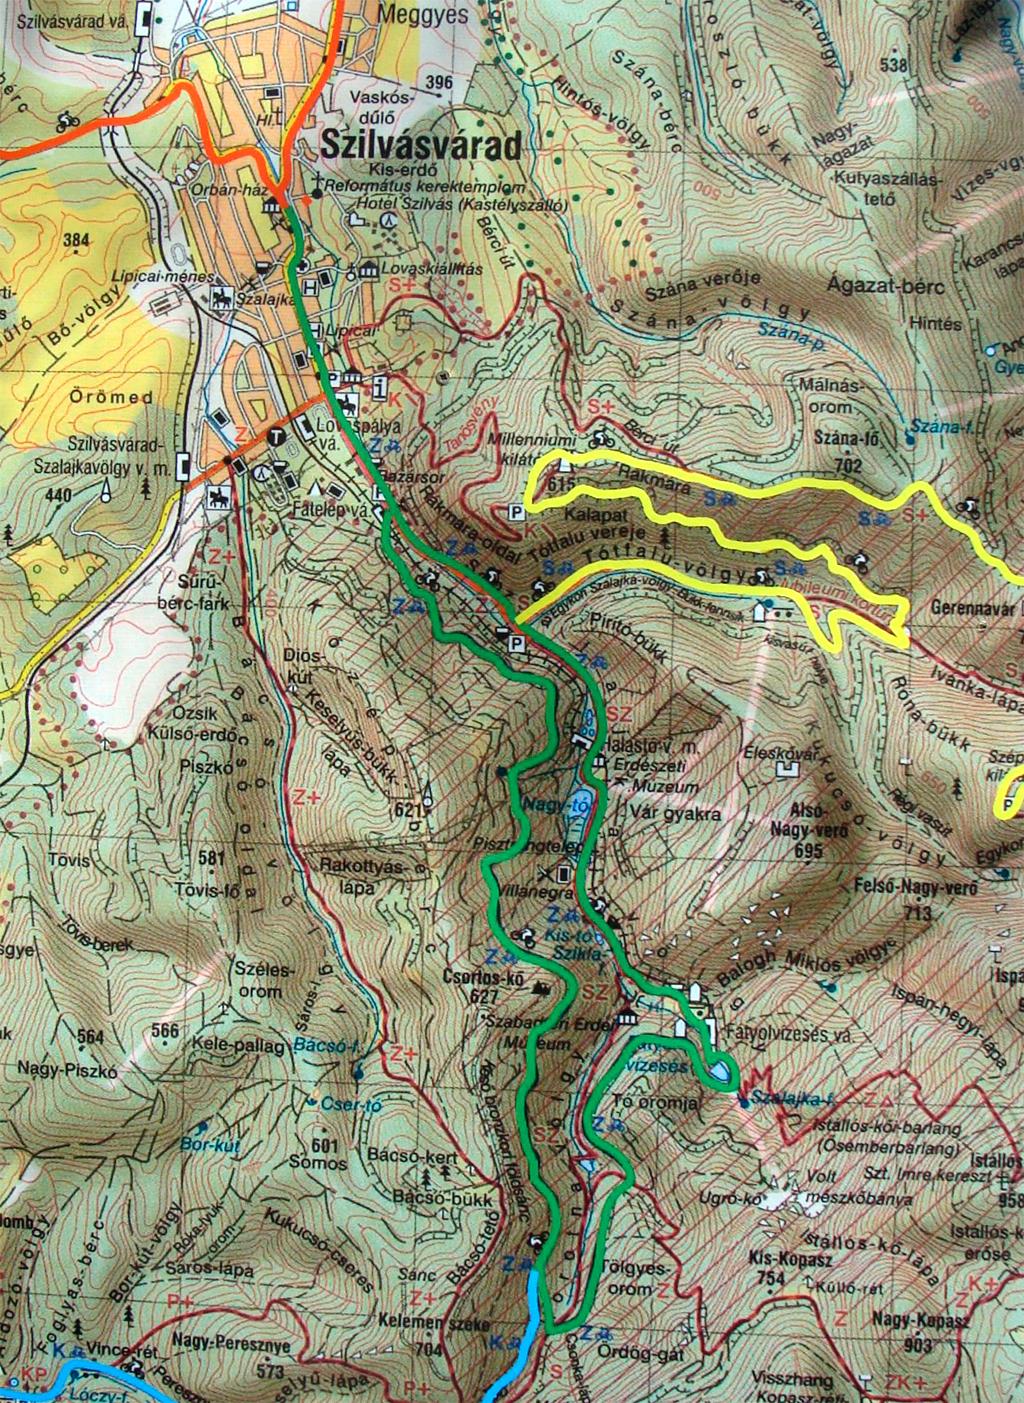 szalajka völgy térkép Szalajka völgy   2012.04.20. szalajka völgy térkép